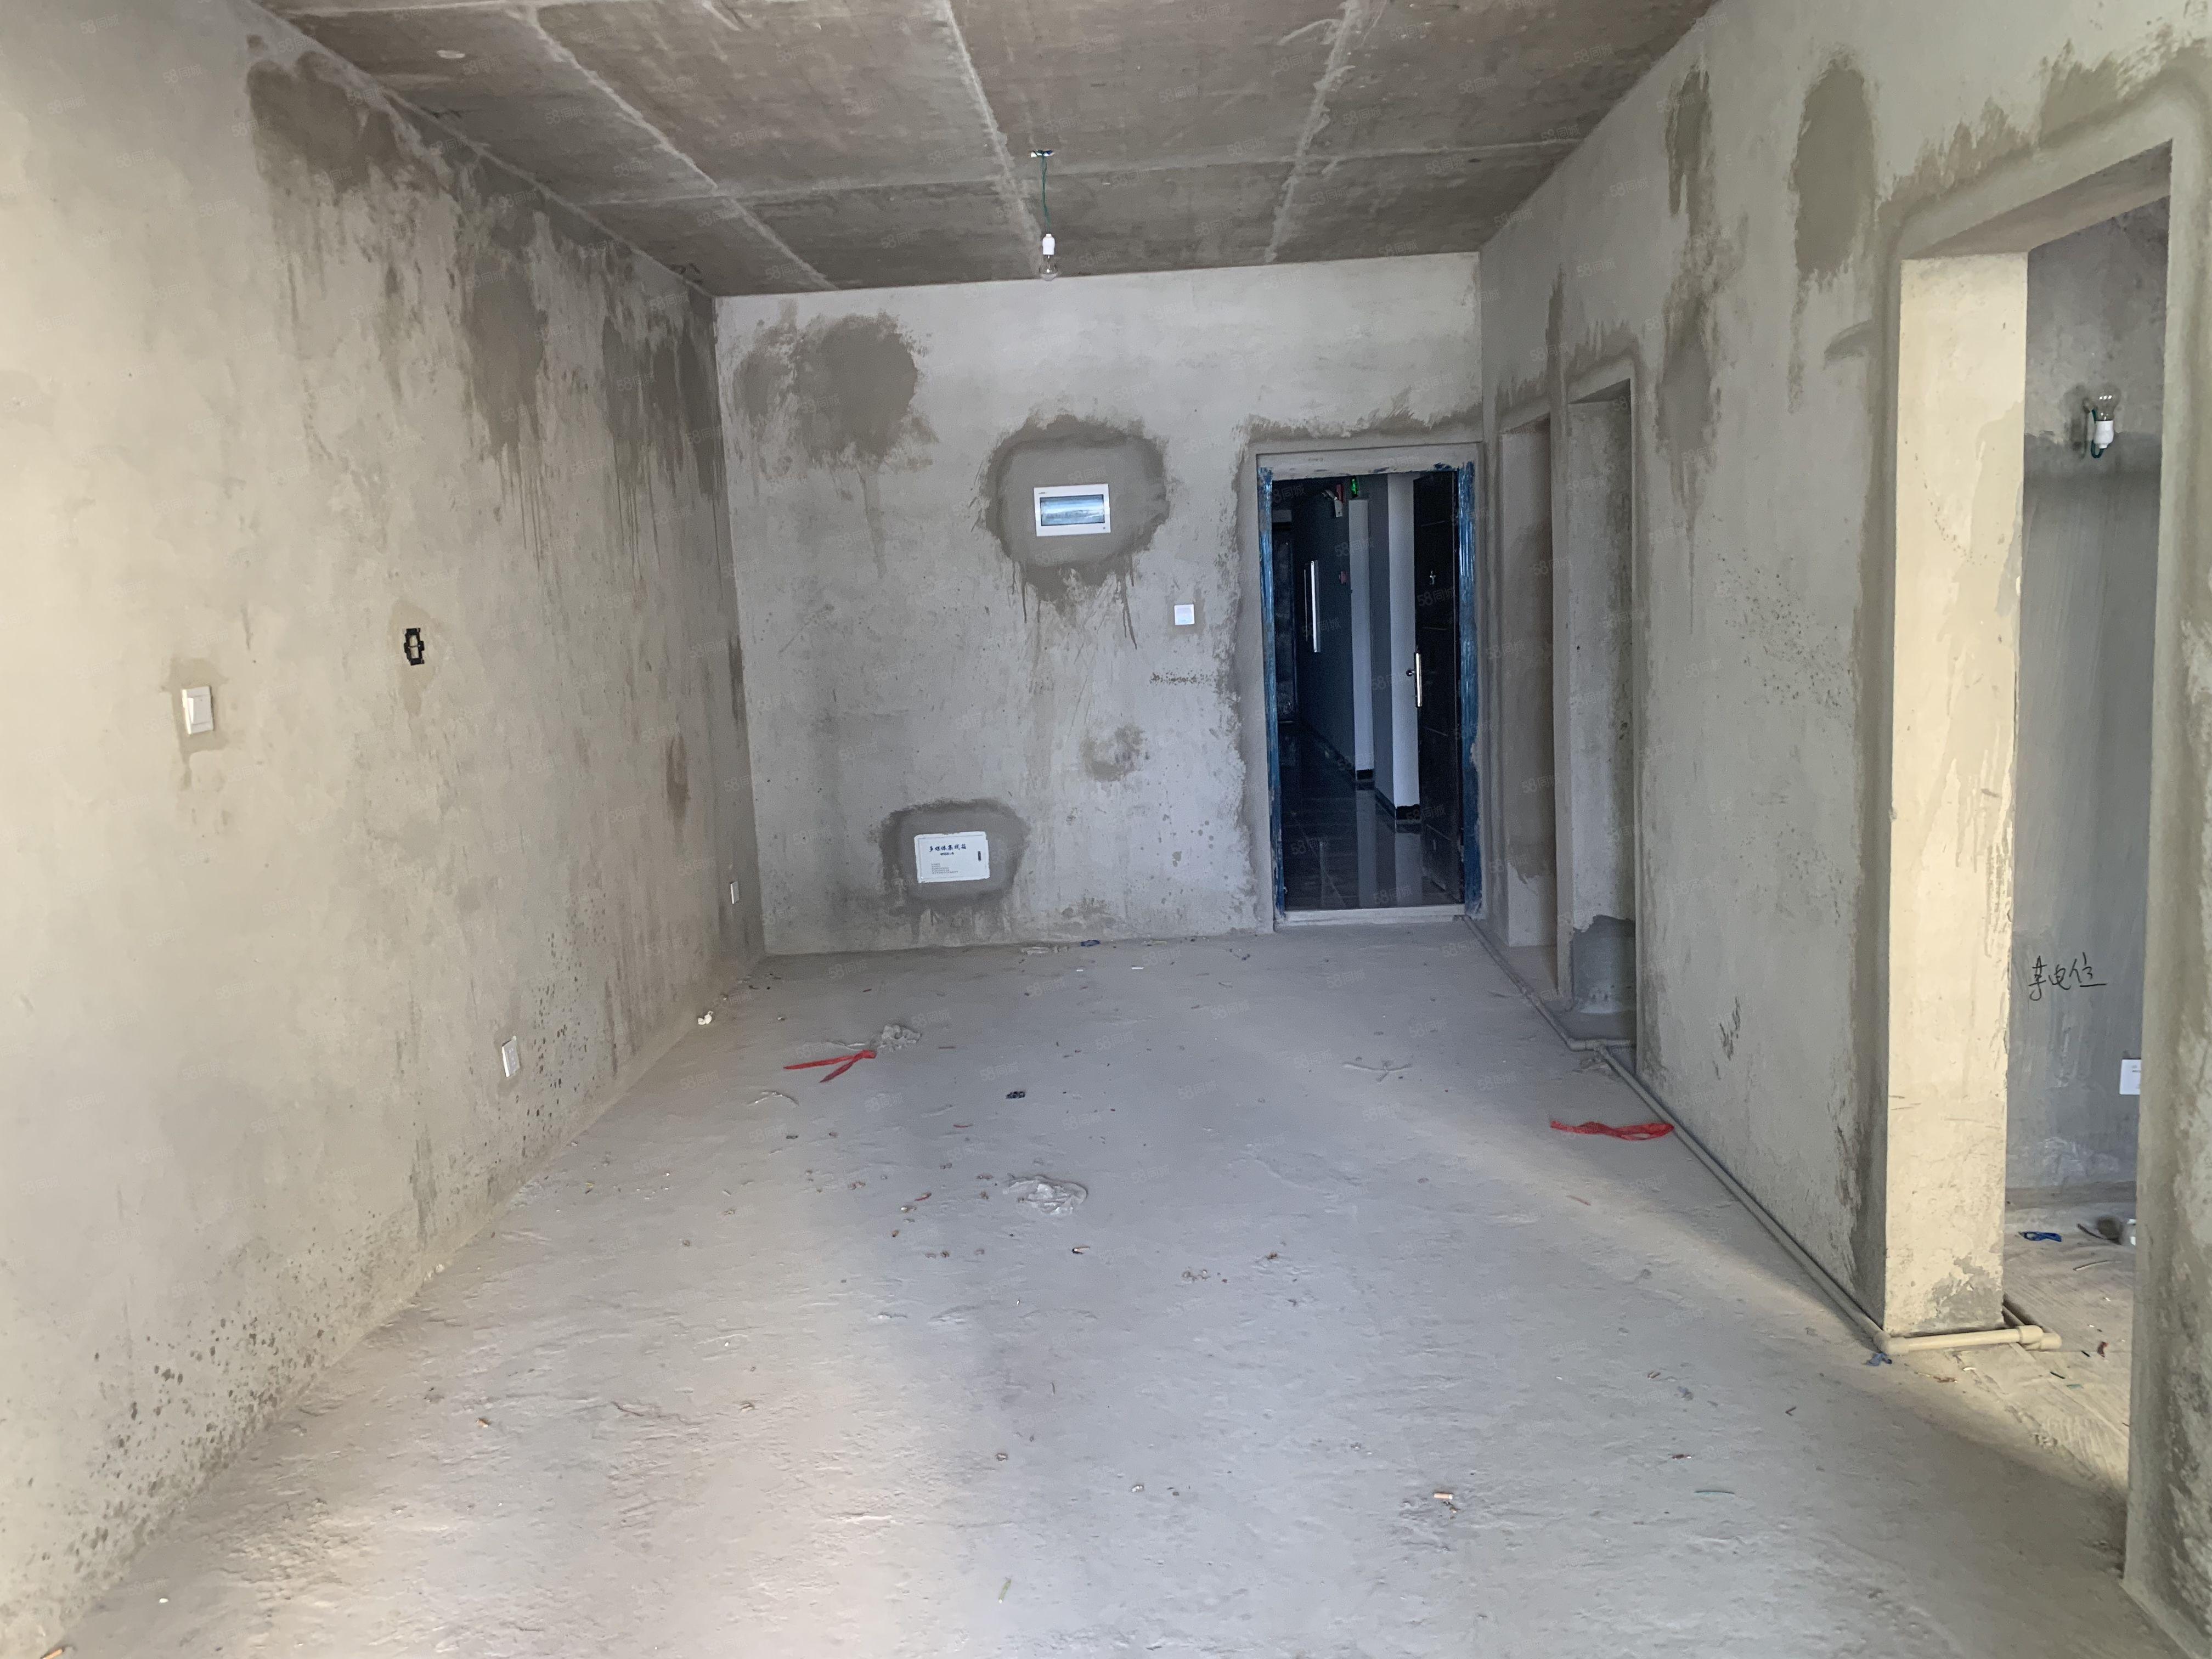 南湖旁天德中心14樓毛坯兩室帶電梯視野開闊一次性付